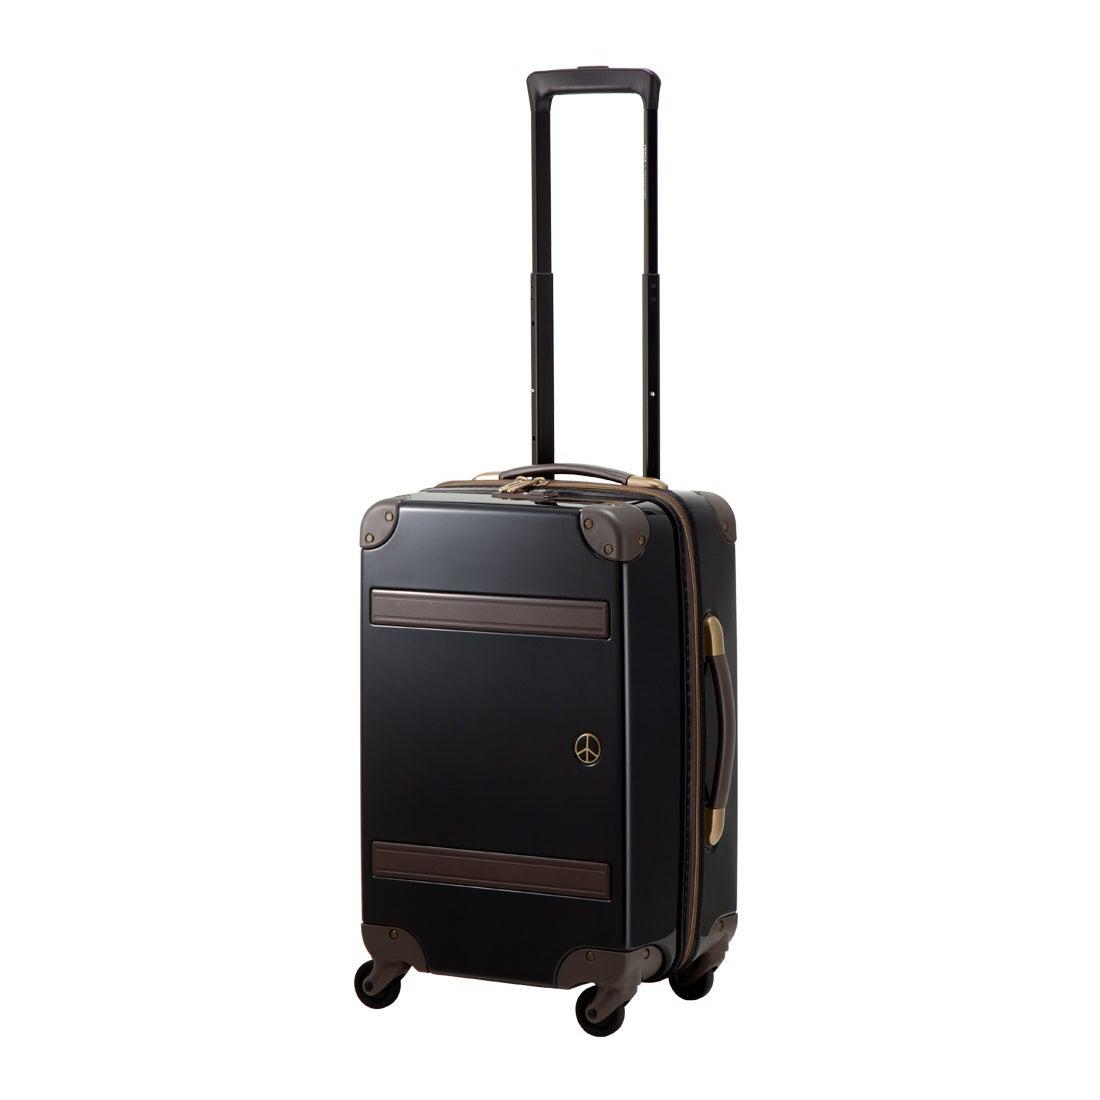 【SAC'S BAR】プラスワン スーツケース PEACE×Passenger 8170-49 49cm ピアノブラック メンズ